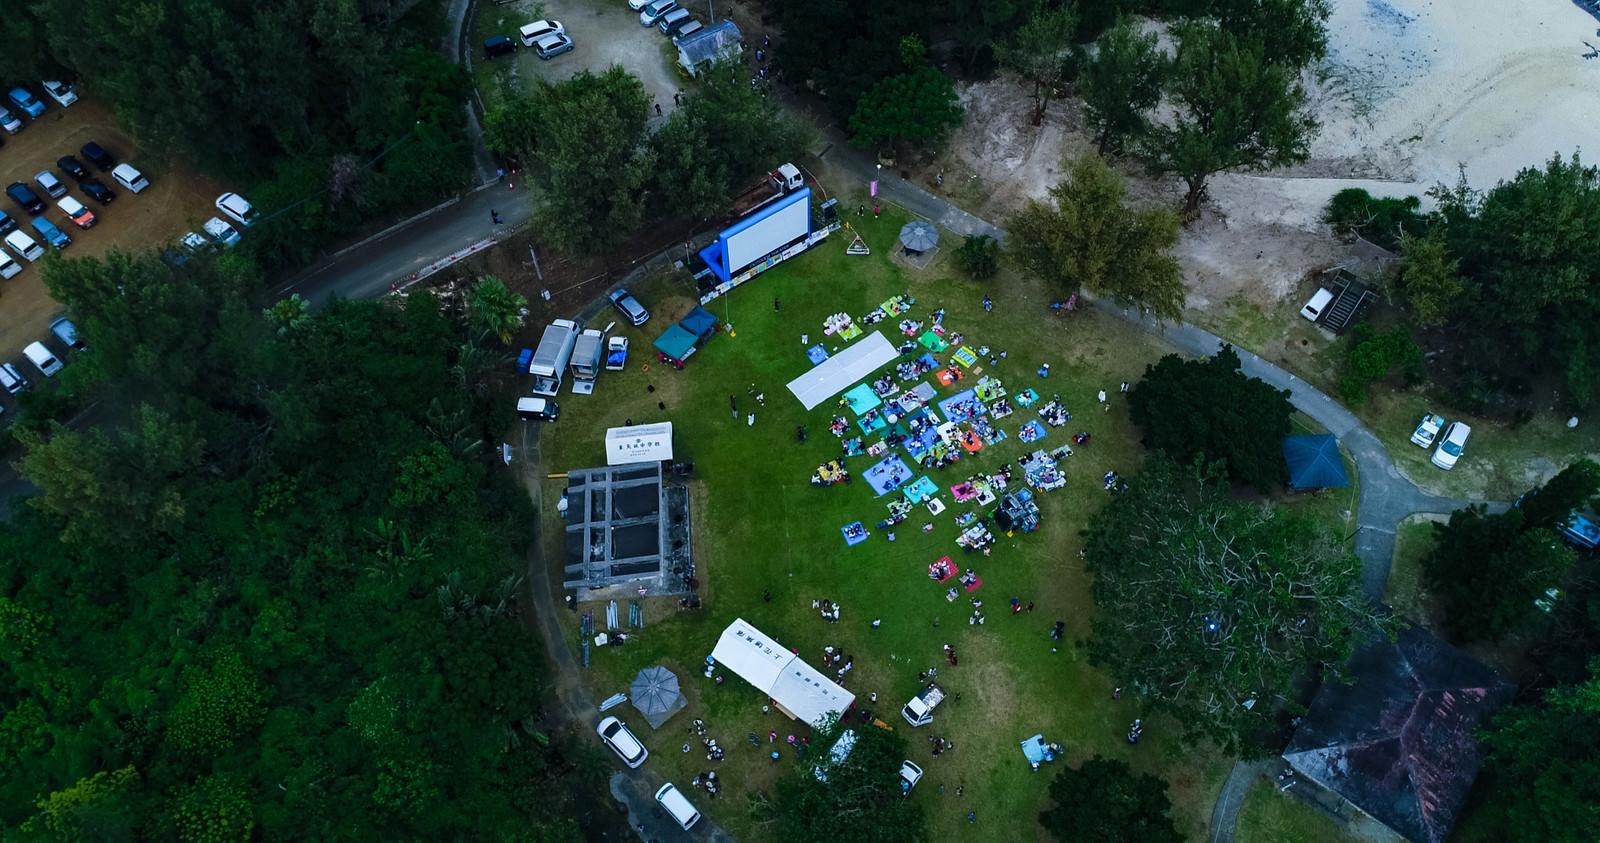 「映画館の無い徳之島で行われた野外シネマイベントを上空から」の写真